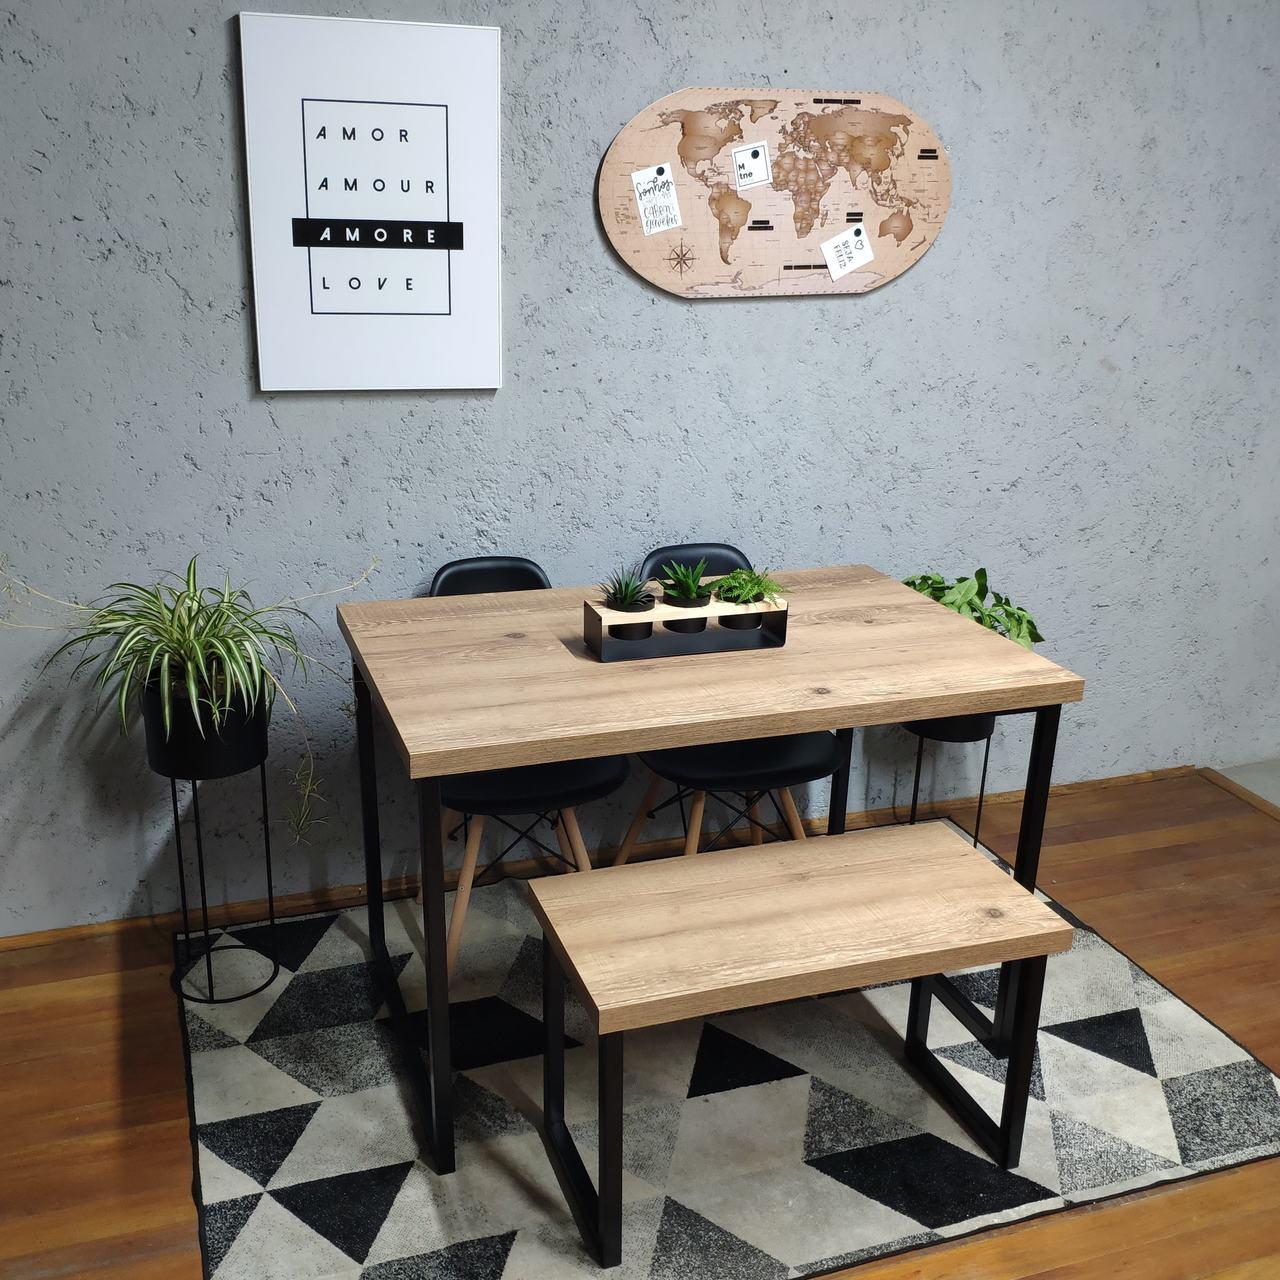 Mesa de Jantar Industrial Antiqua Squared Legs com Banco e Duas Cadeiras Pretas  - Mtne Store